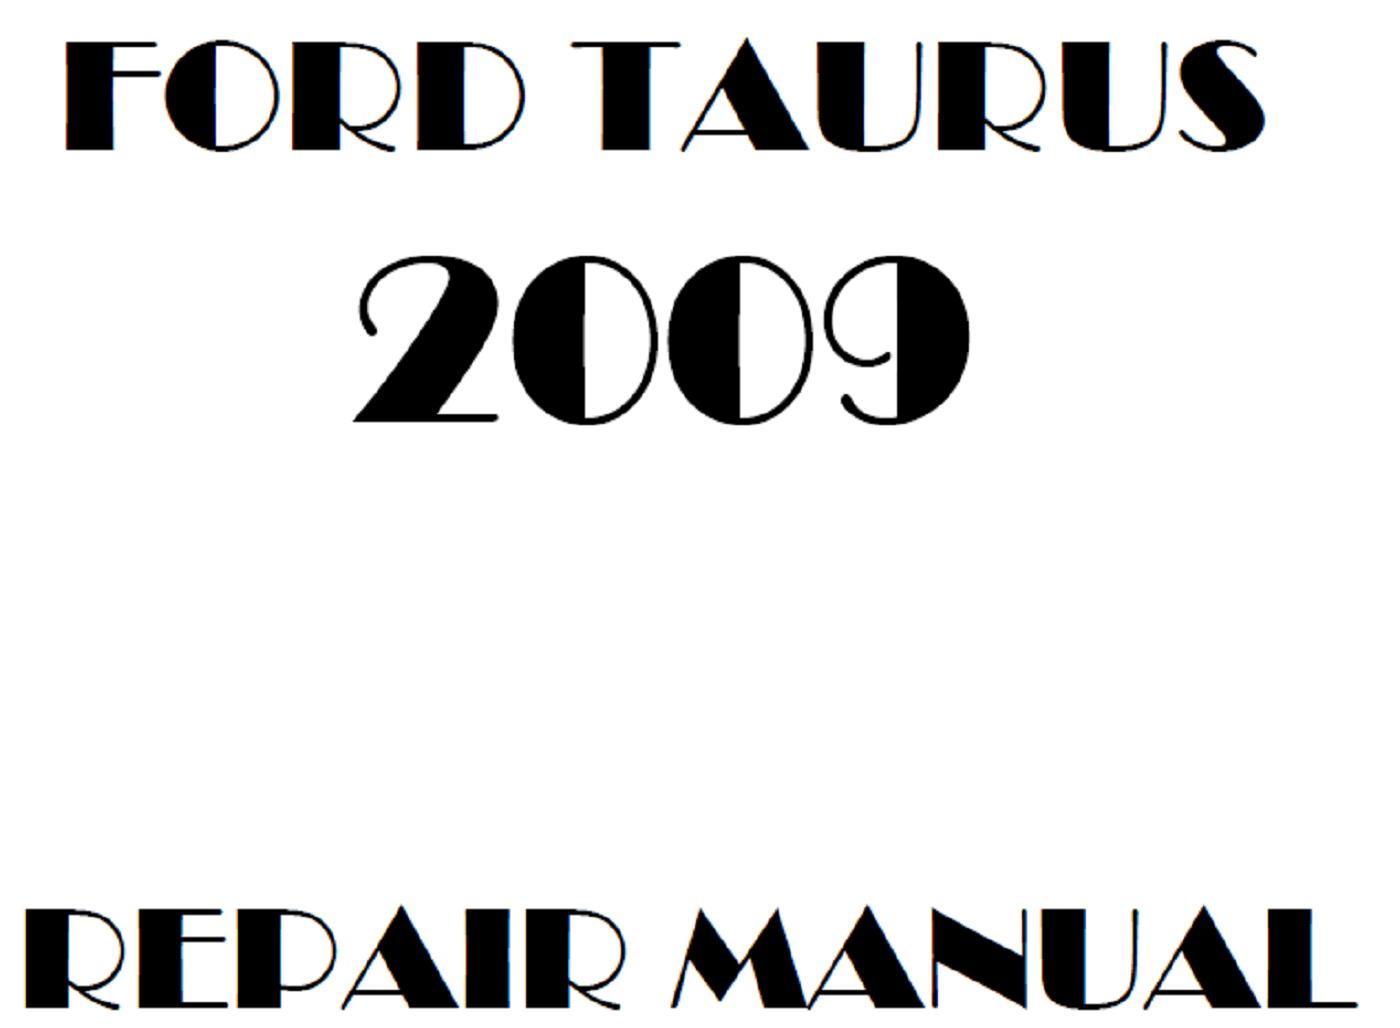 2009 Ford Taurus repair manual